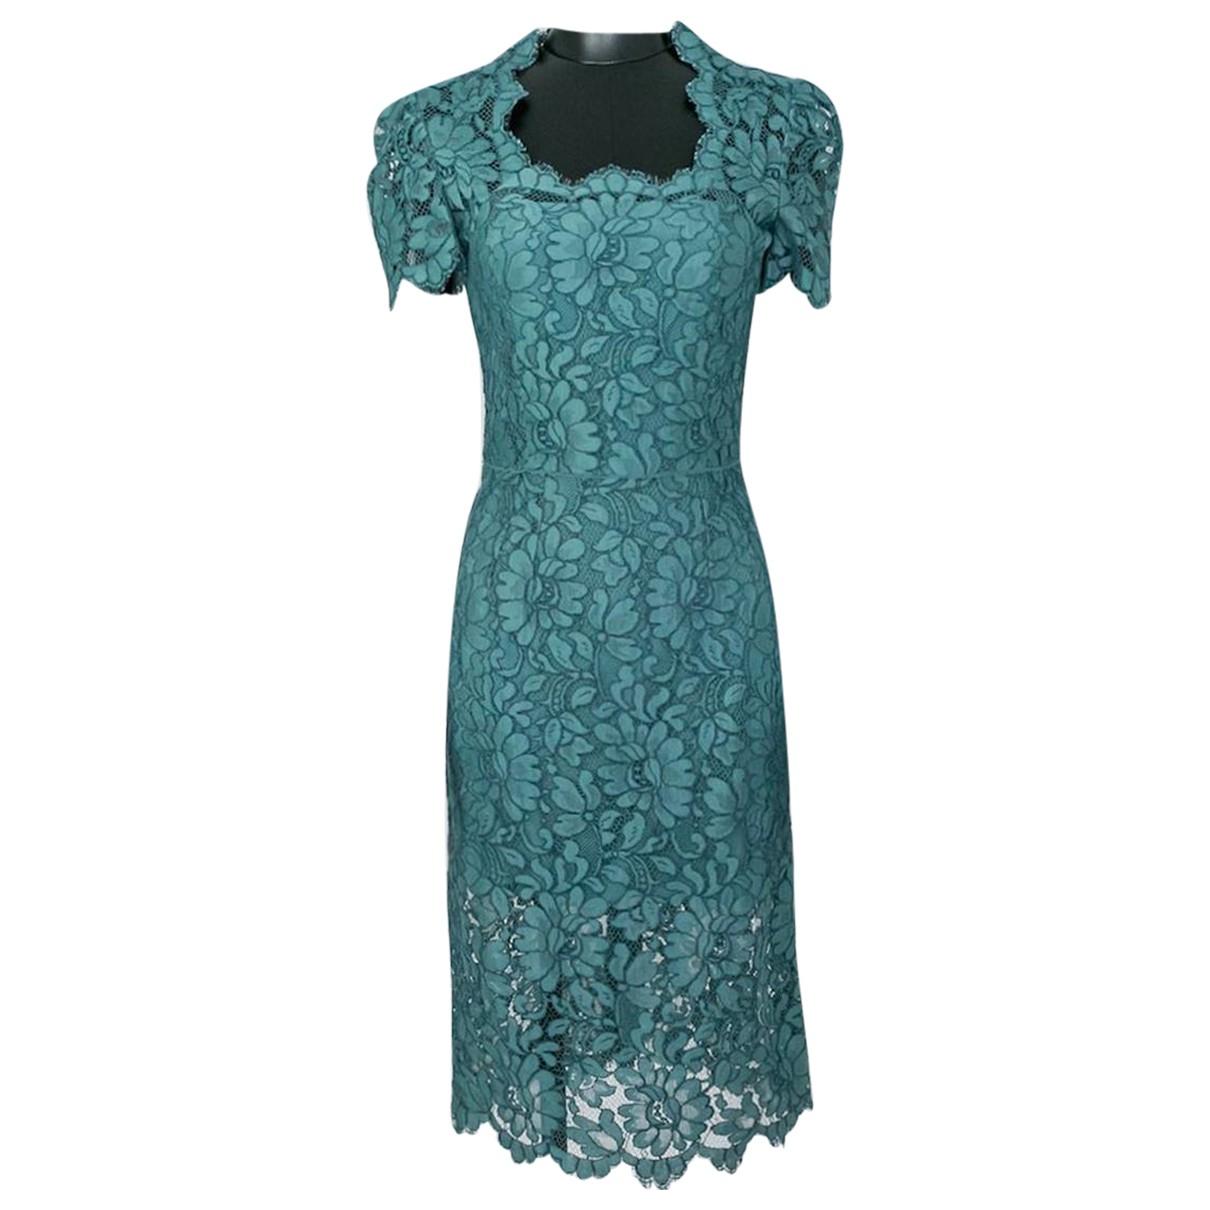 Dolce & Gabbana \N Kleid in  Gruen Spitze